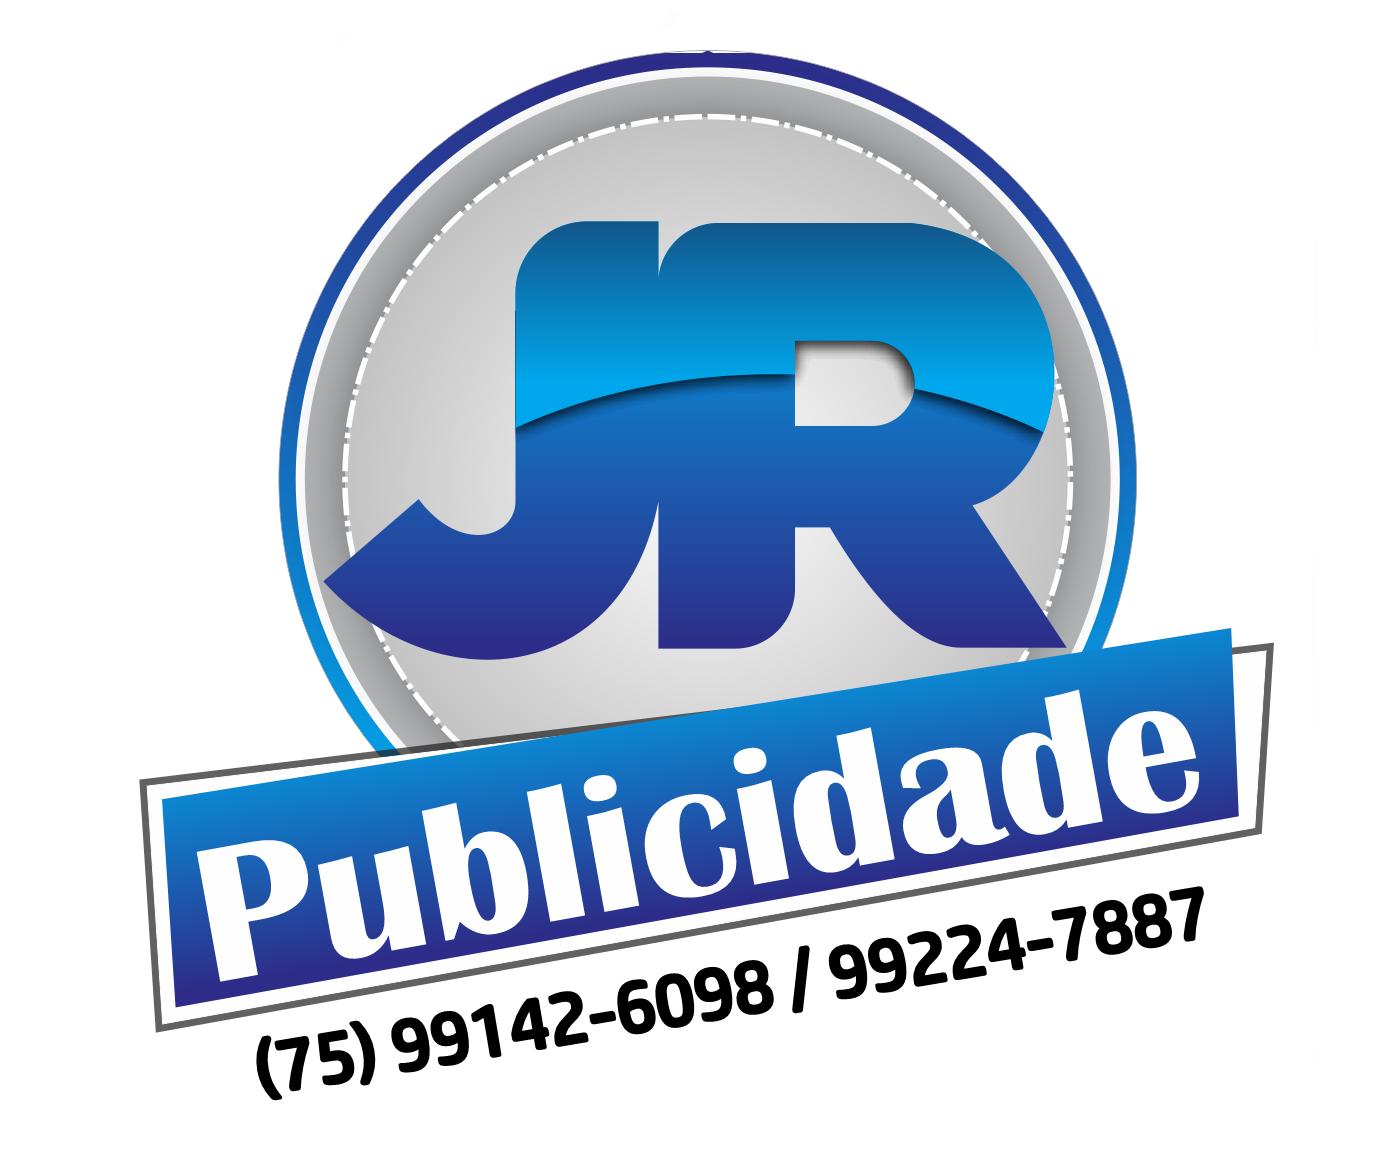 JR Publicidade